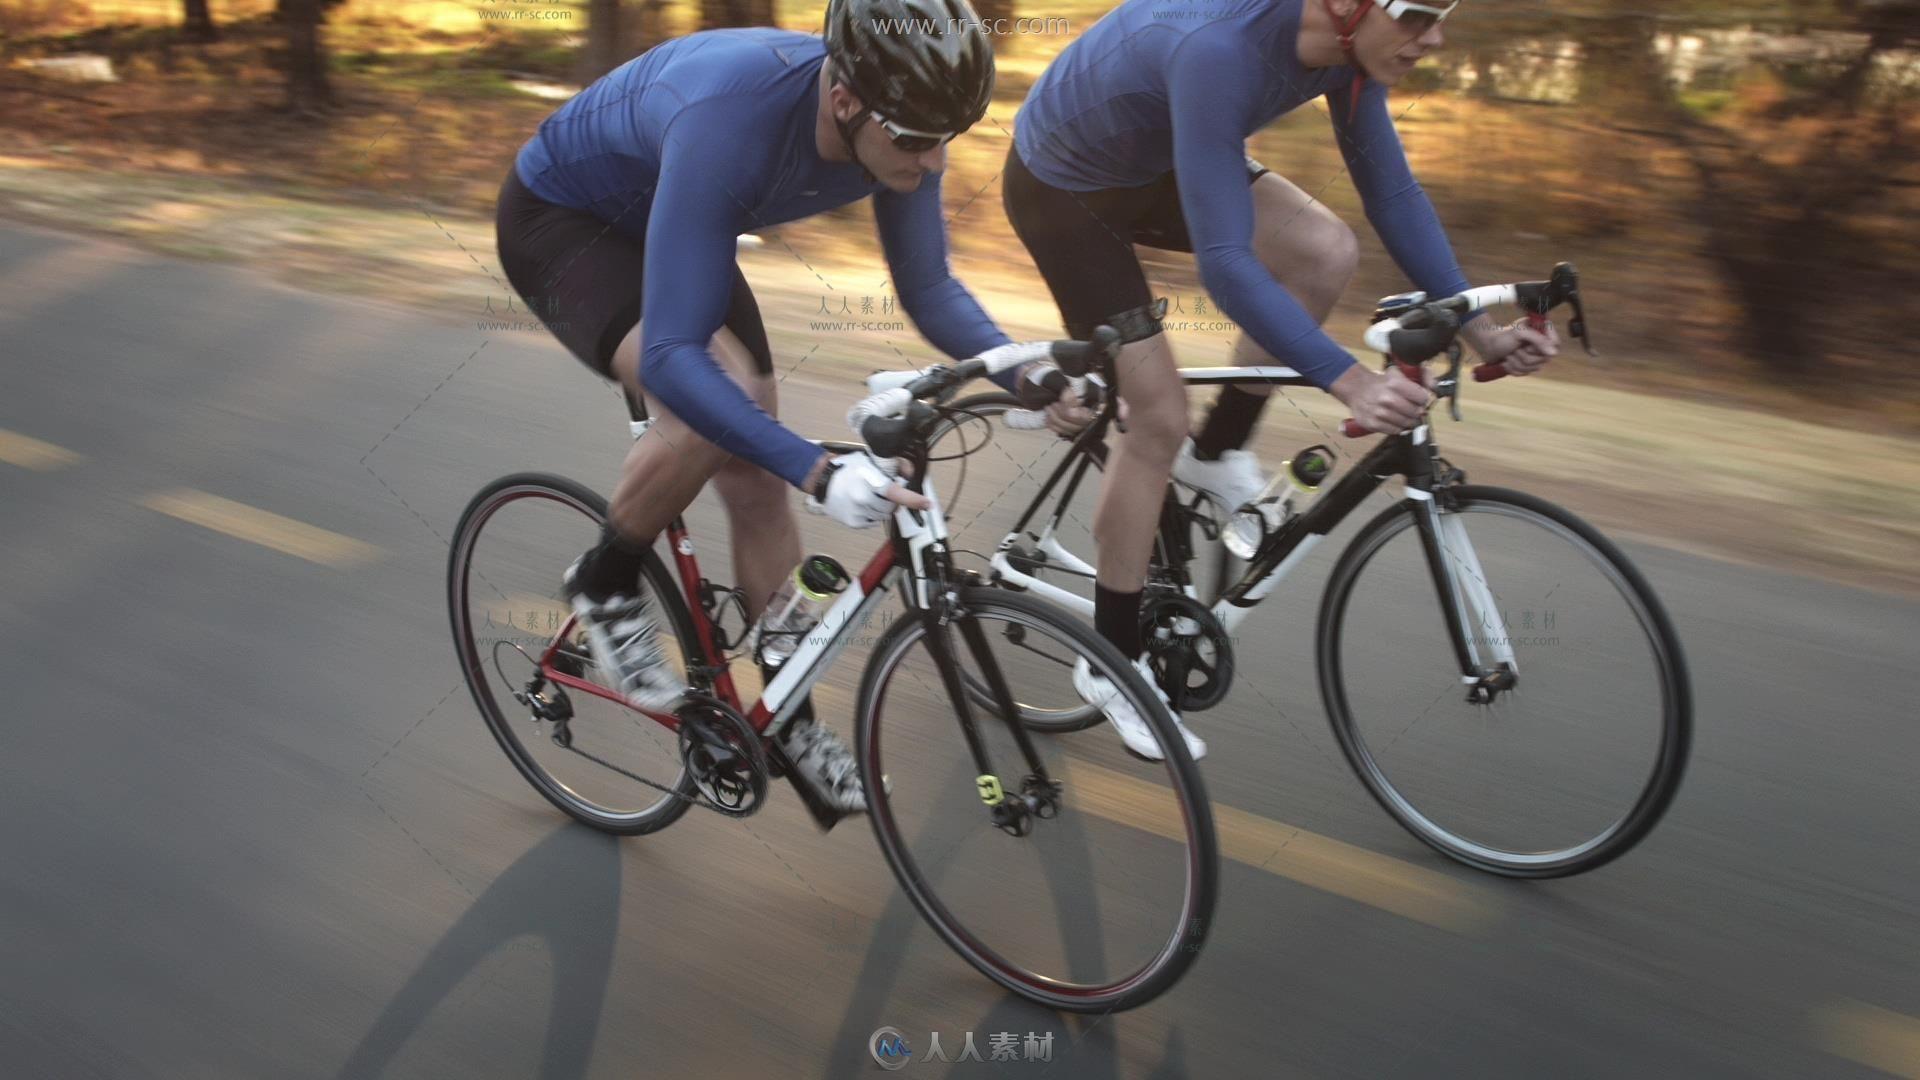 世界最长自行车,使出吃奶的劲骑100多米,破了世界纪录_网易视频